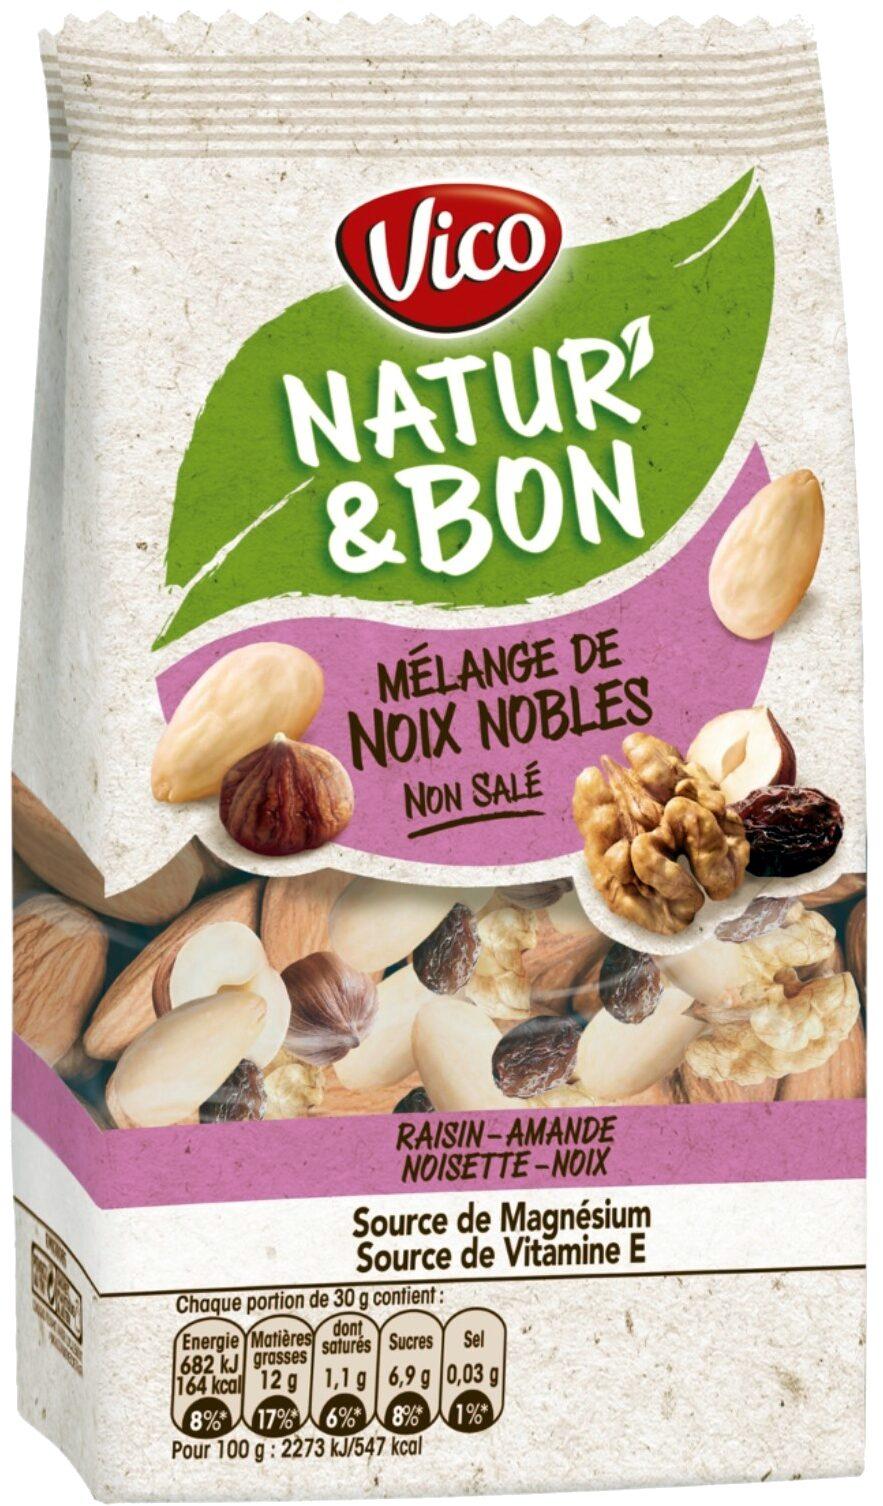 Natur'&Bon Mélange de noix nobles non salé - Produit